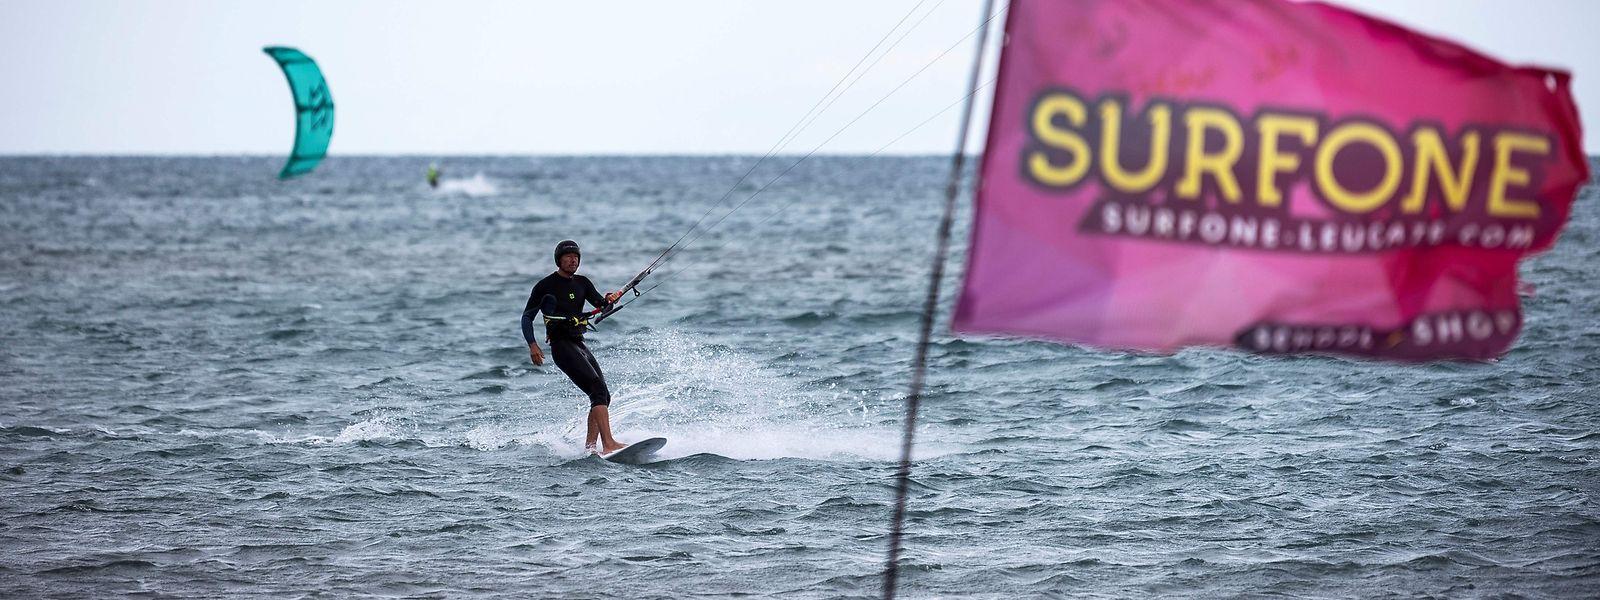 Les plages françaises sont à nouveau ouvertes pour les amateurs de surf.